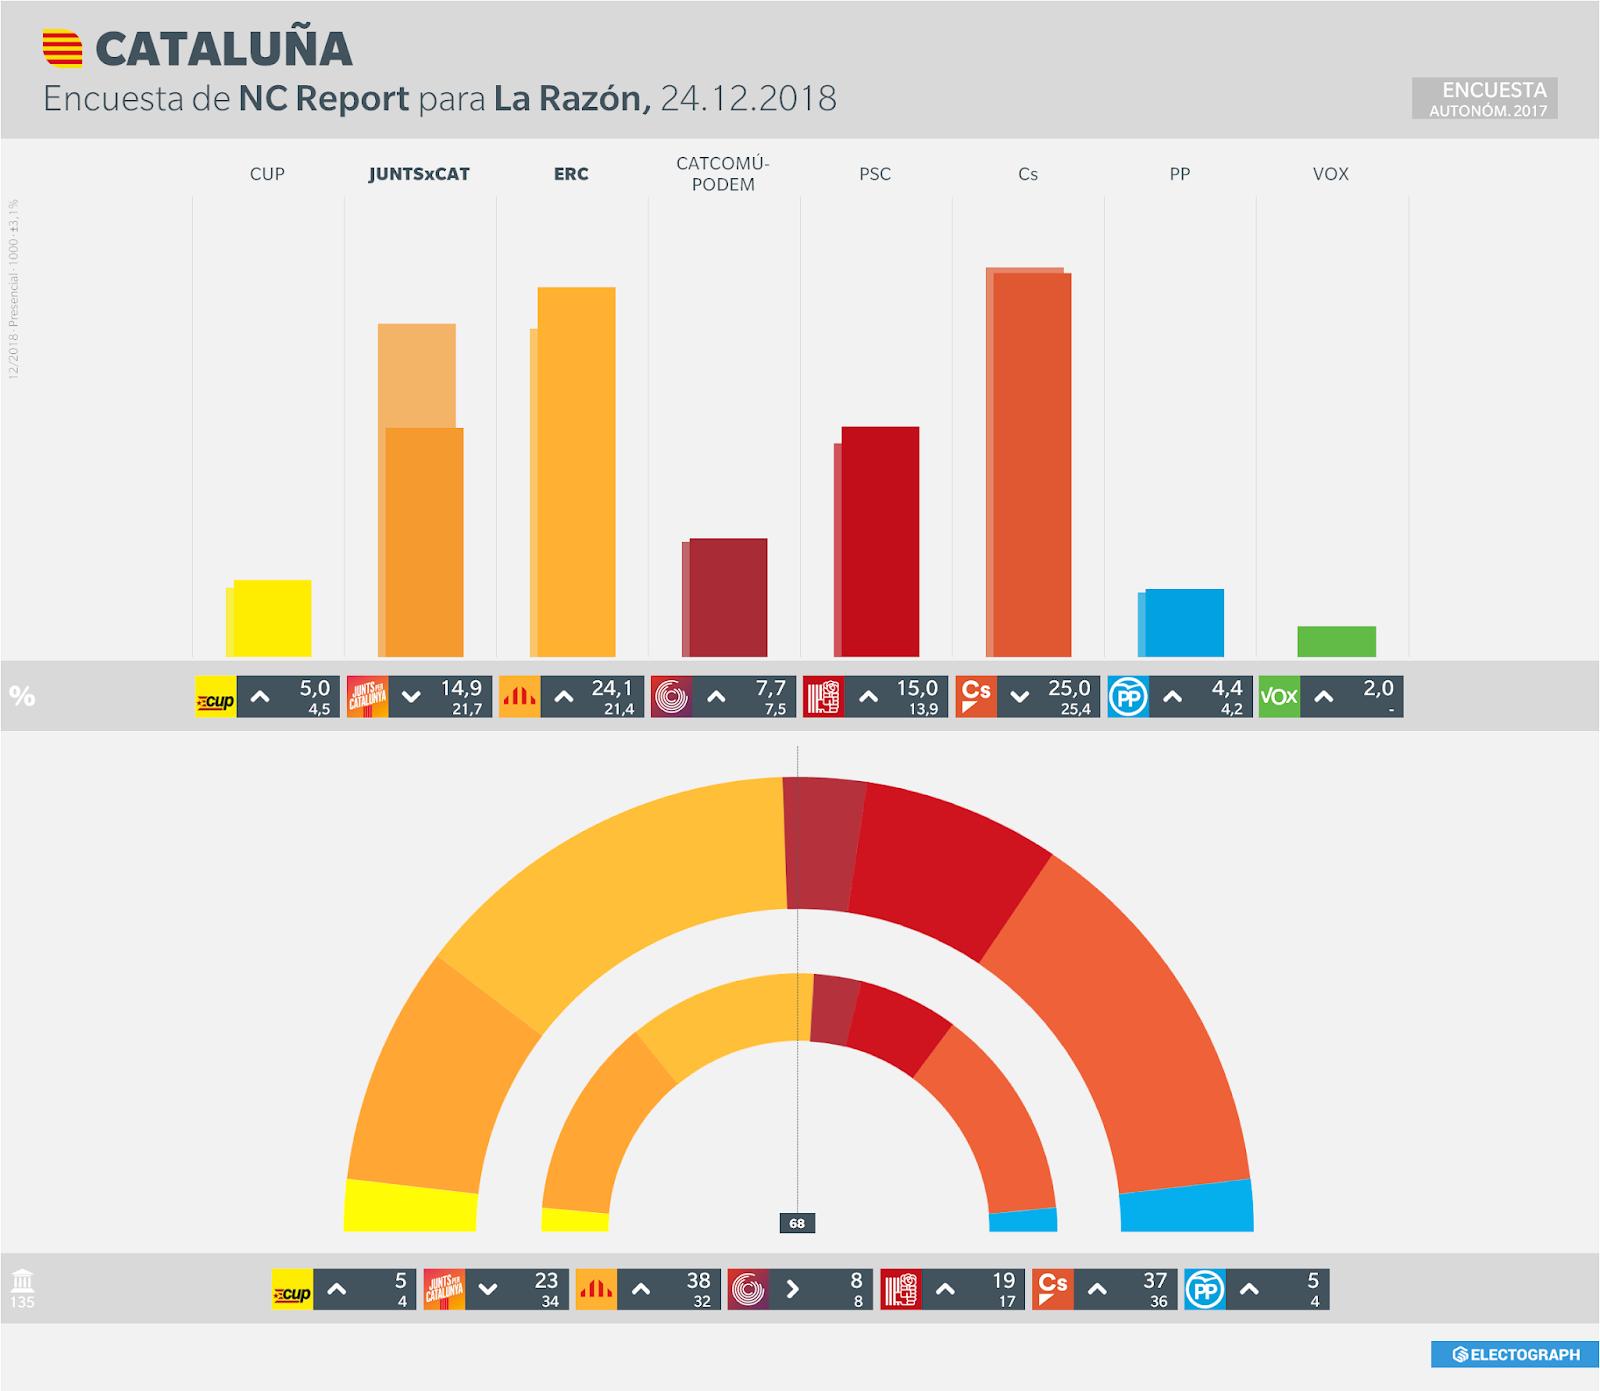 Encuestas para Cataluña - Página 2 CATALUNYA_NCReport_181224